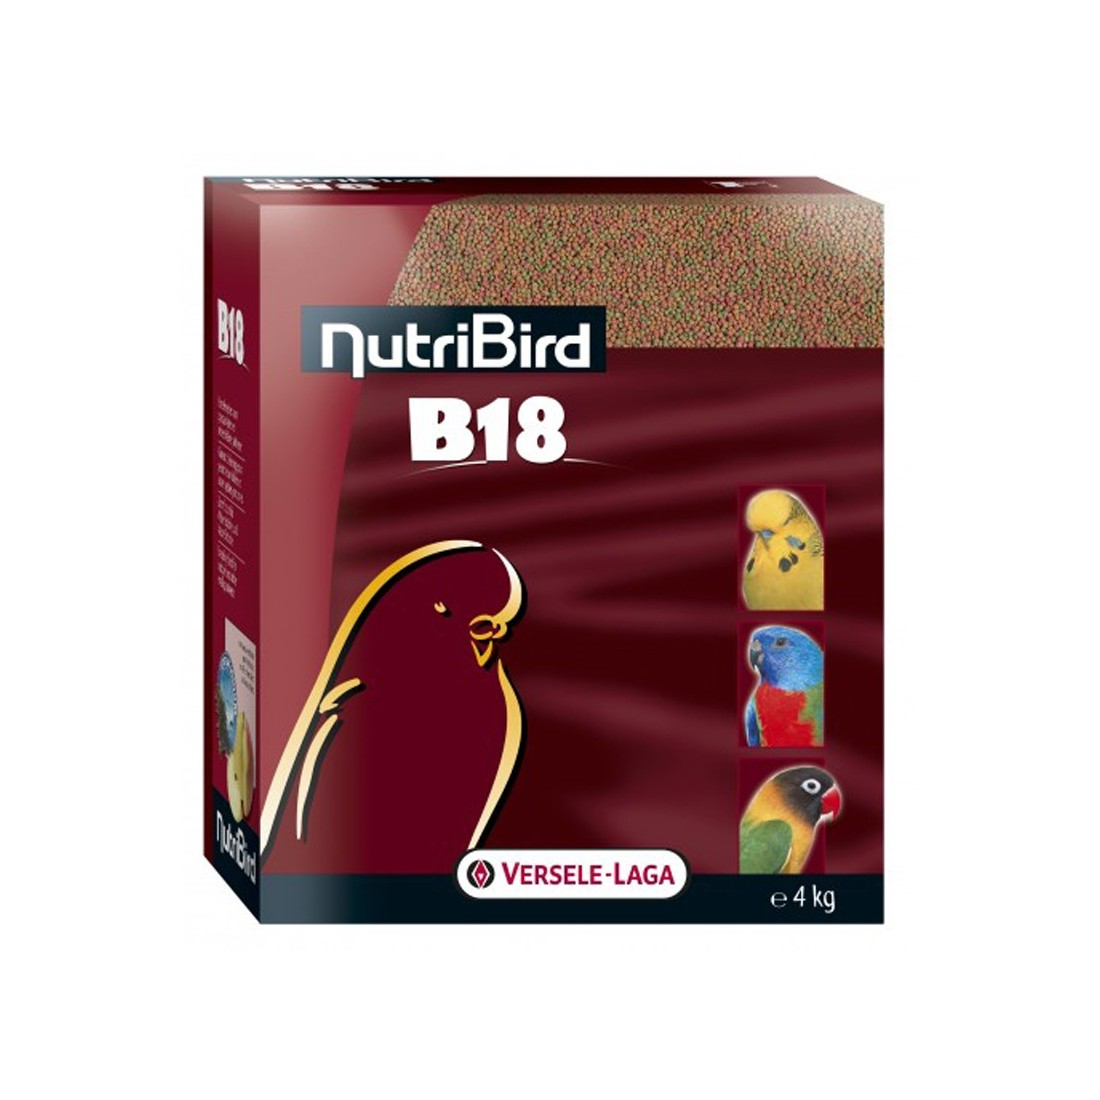 NUTRIBIRD B18